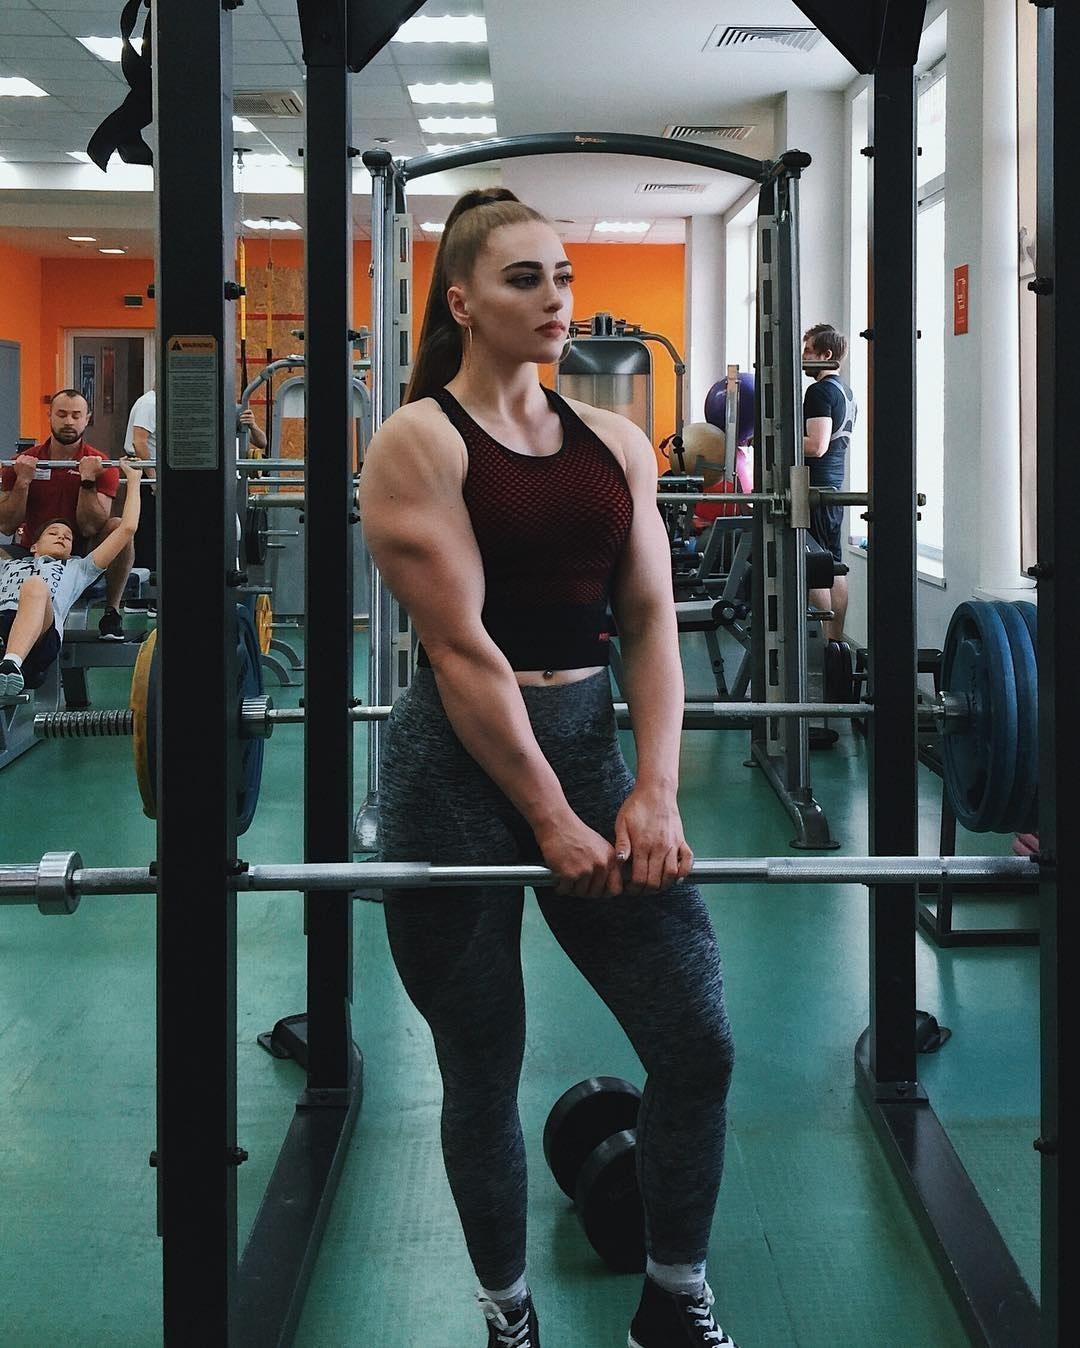 俄羅斯正妹「超大反差萌」爆紅!清純臉蛋配上「超猛肌肉線條」全身照讓網傻眼:太違和